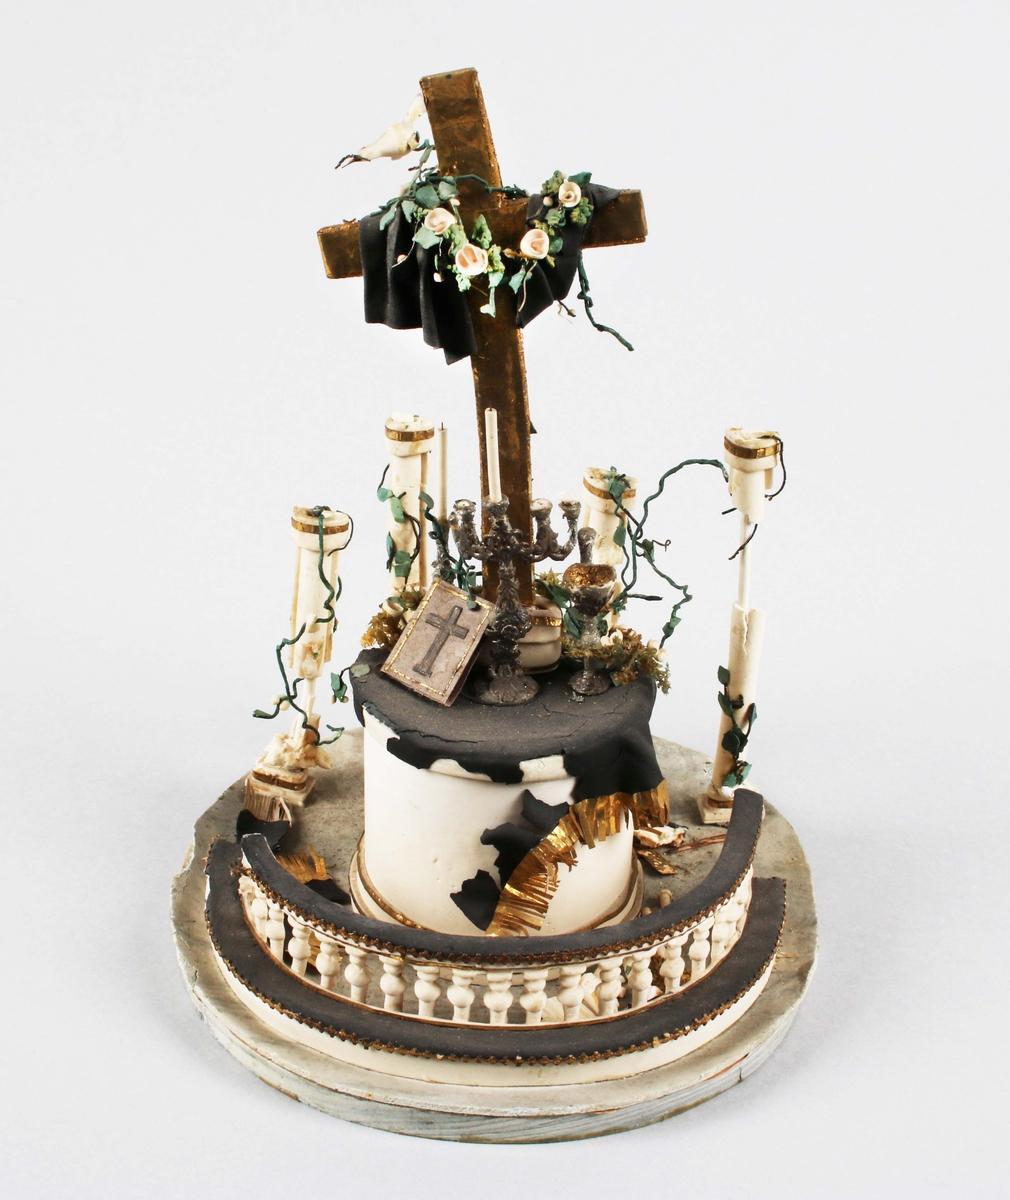 Dragantarbete. Altare. Föreställer ett altare med ring och förgyllt kors, på detta en duva. Under glaskupa, saknas 1999-08-31. Proveniens Clothska hemmet i Borås. Mycket defekt.  Skapades troligen som en fri efterbildning av Carolikyrkans altare.  Tillverkad av Hilda Boström (1822-1903), sockerbagare, Borås.  Litt: Se Årsbok 1963, sidan 43. Litt: Se Ada Damms Boråsbilder.  Funktion: Prydnadsföremål